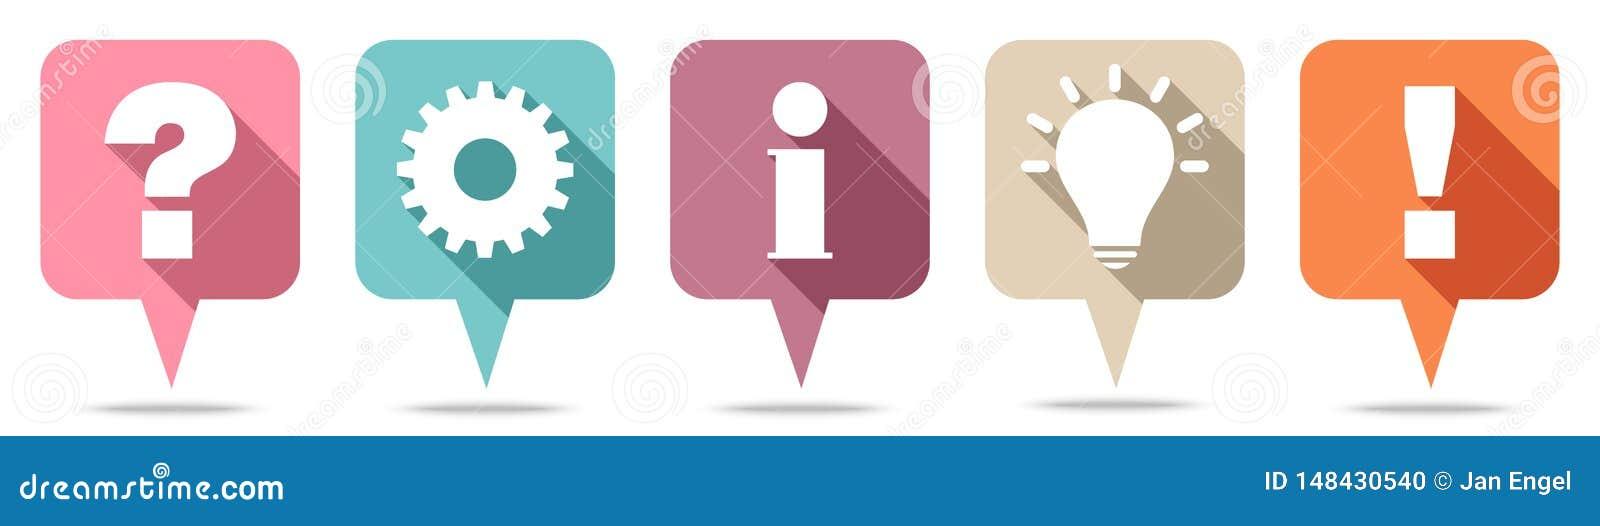 Retro Speechbubblesvraag, Werk, Informatie, Idee & Antwoord